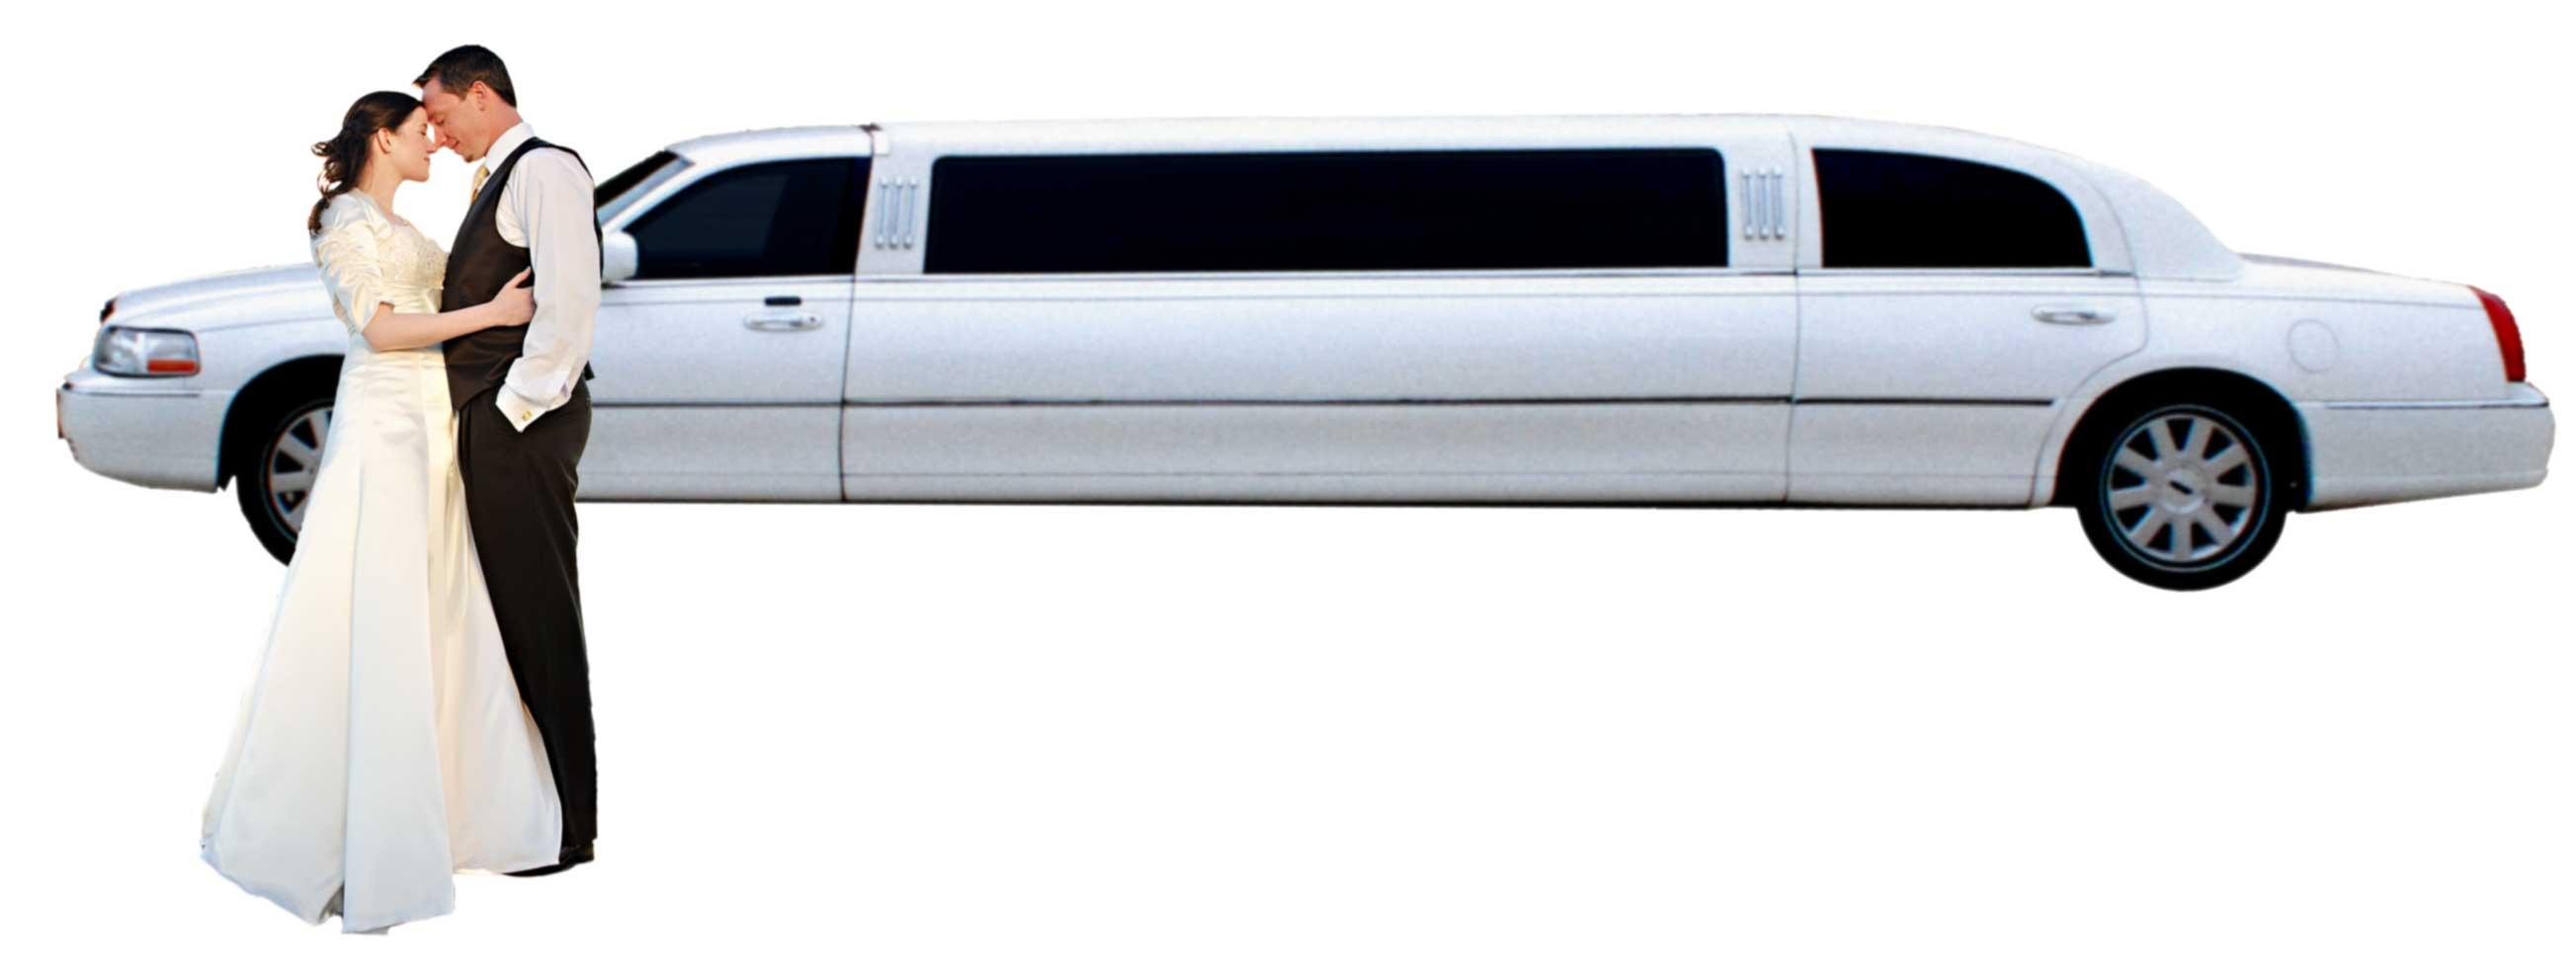 A e Limousine – Metro Detroit s Limo pany